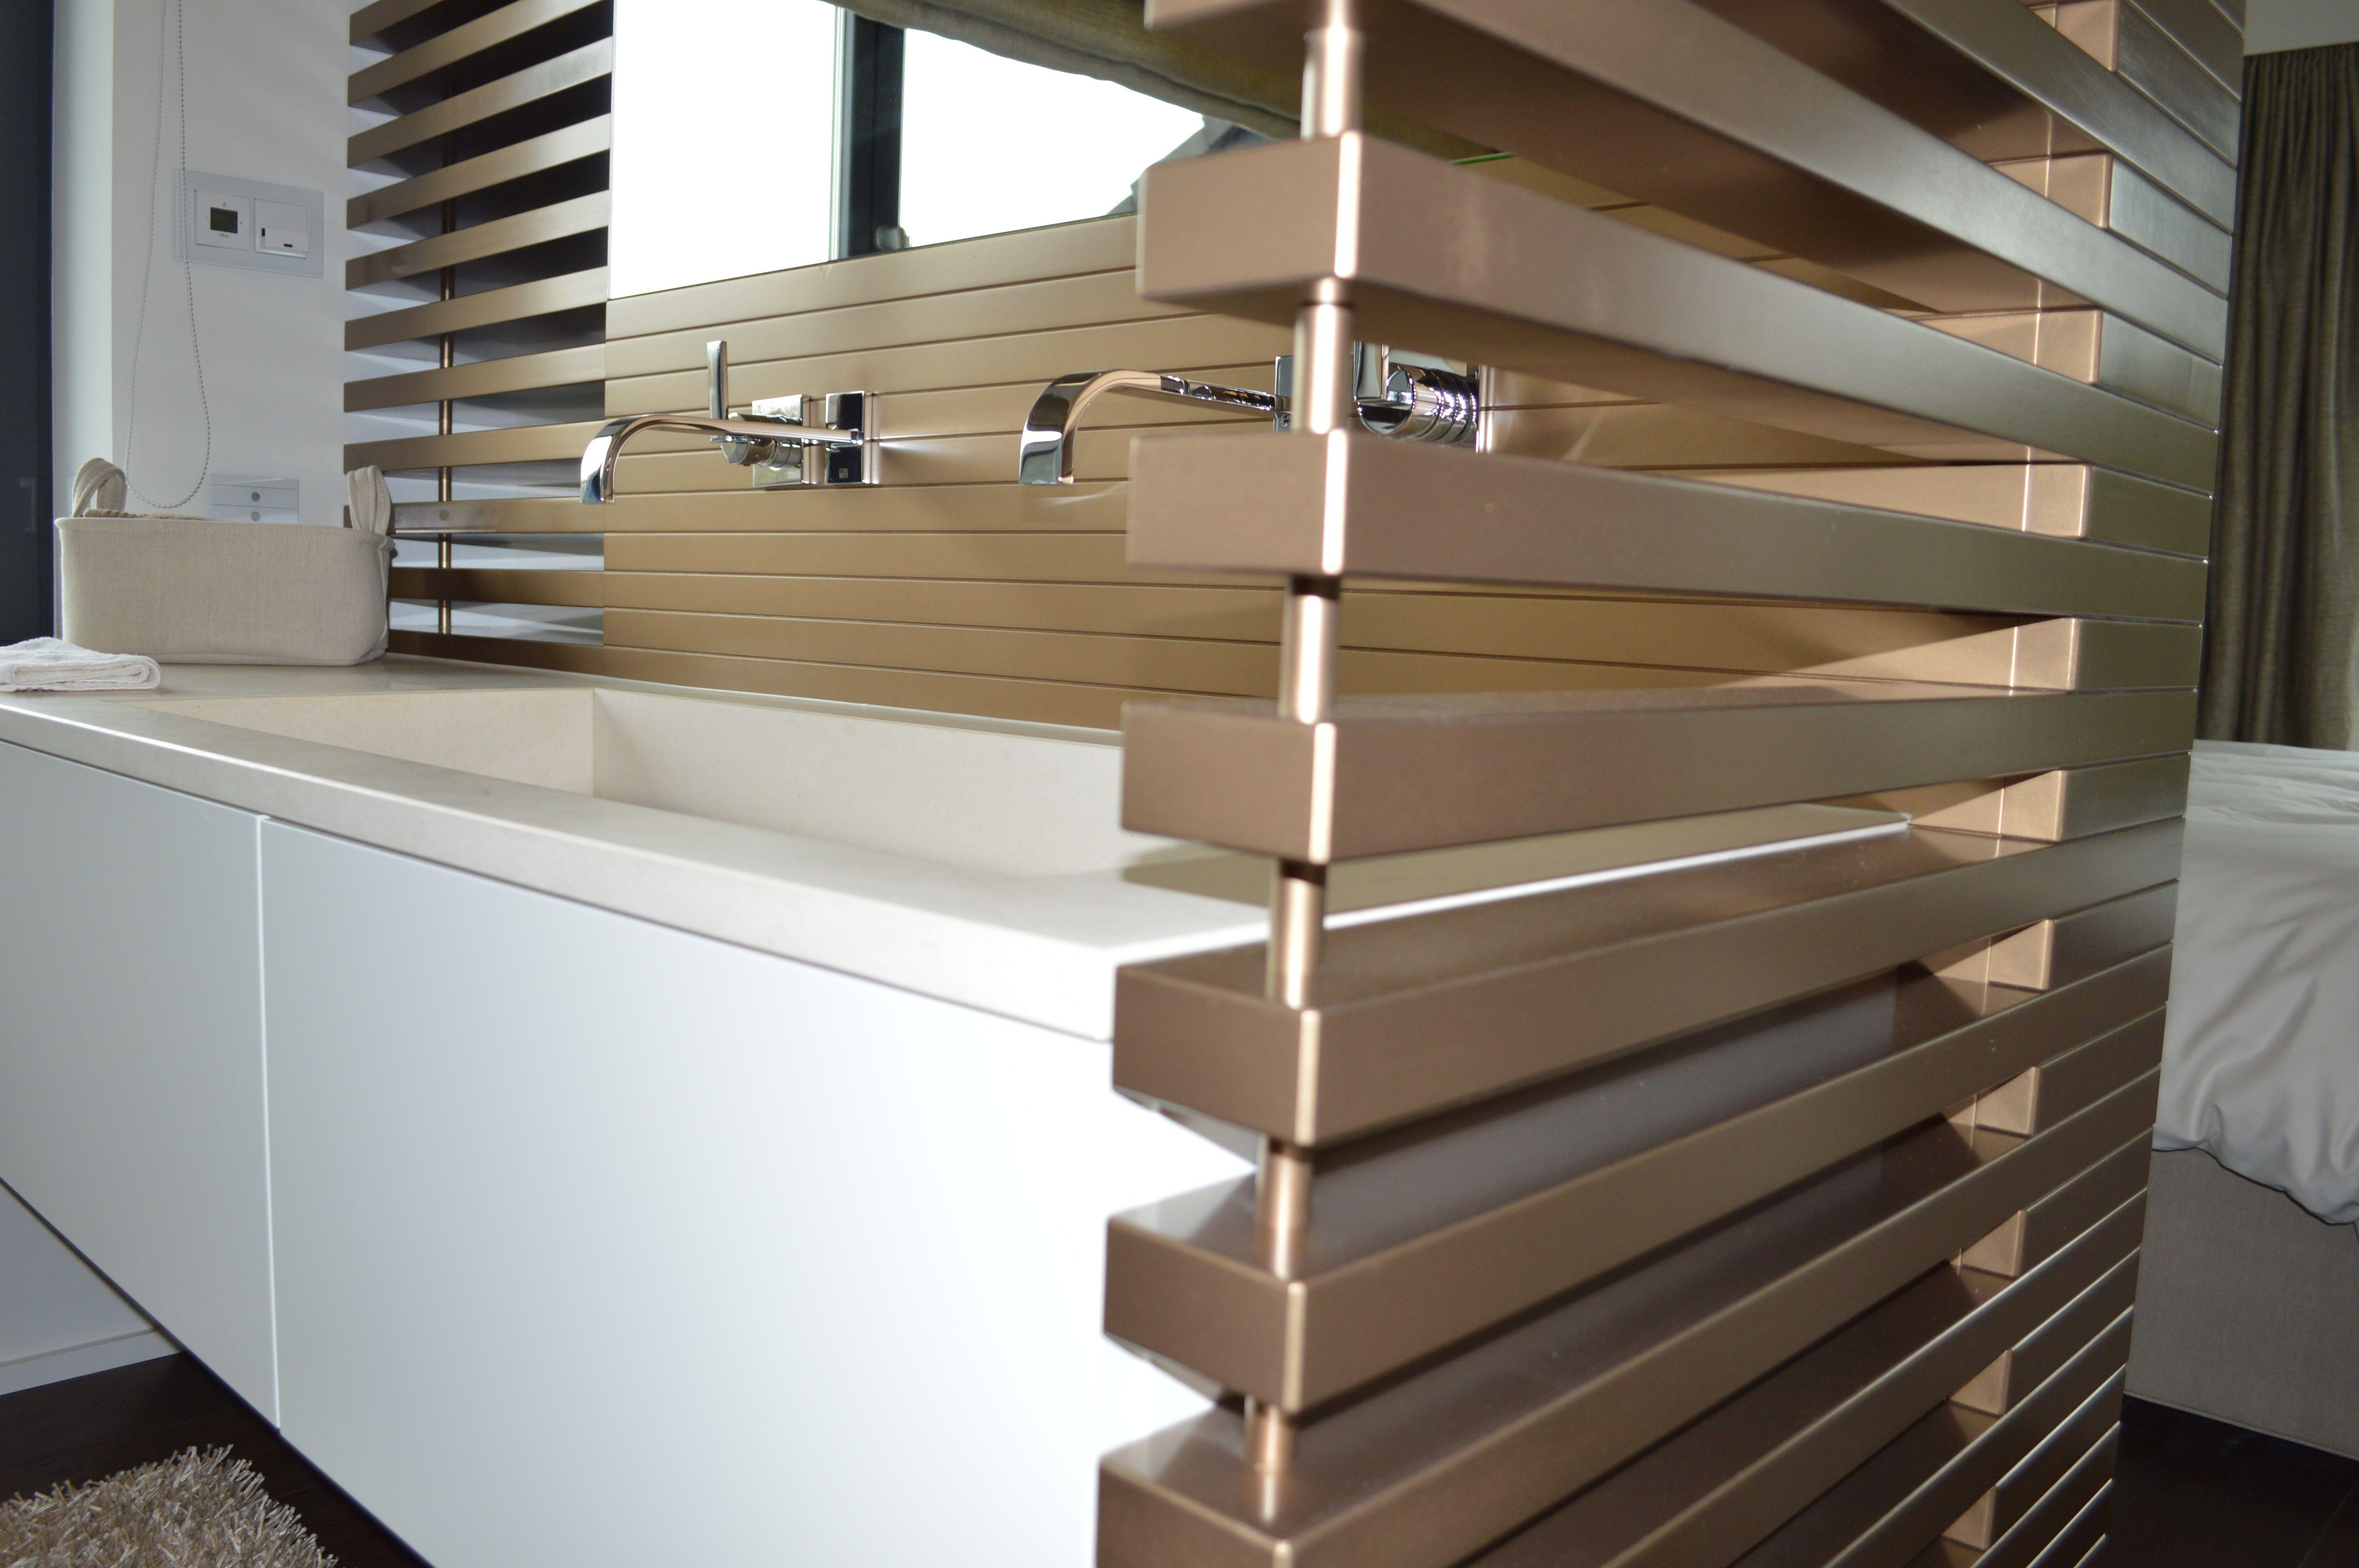 Waschtisch In Weissem Lack Bronzefarbener Sichtschutz Aus Teils Offenen Lamellen Im Bad Wellessbereich Haus Dachgeschoss Einrichten Und Wohnen